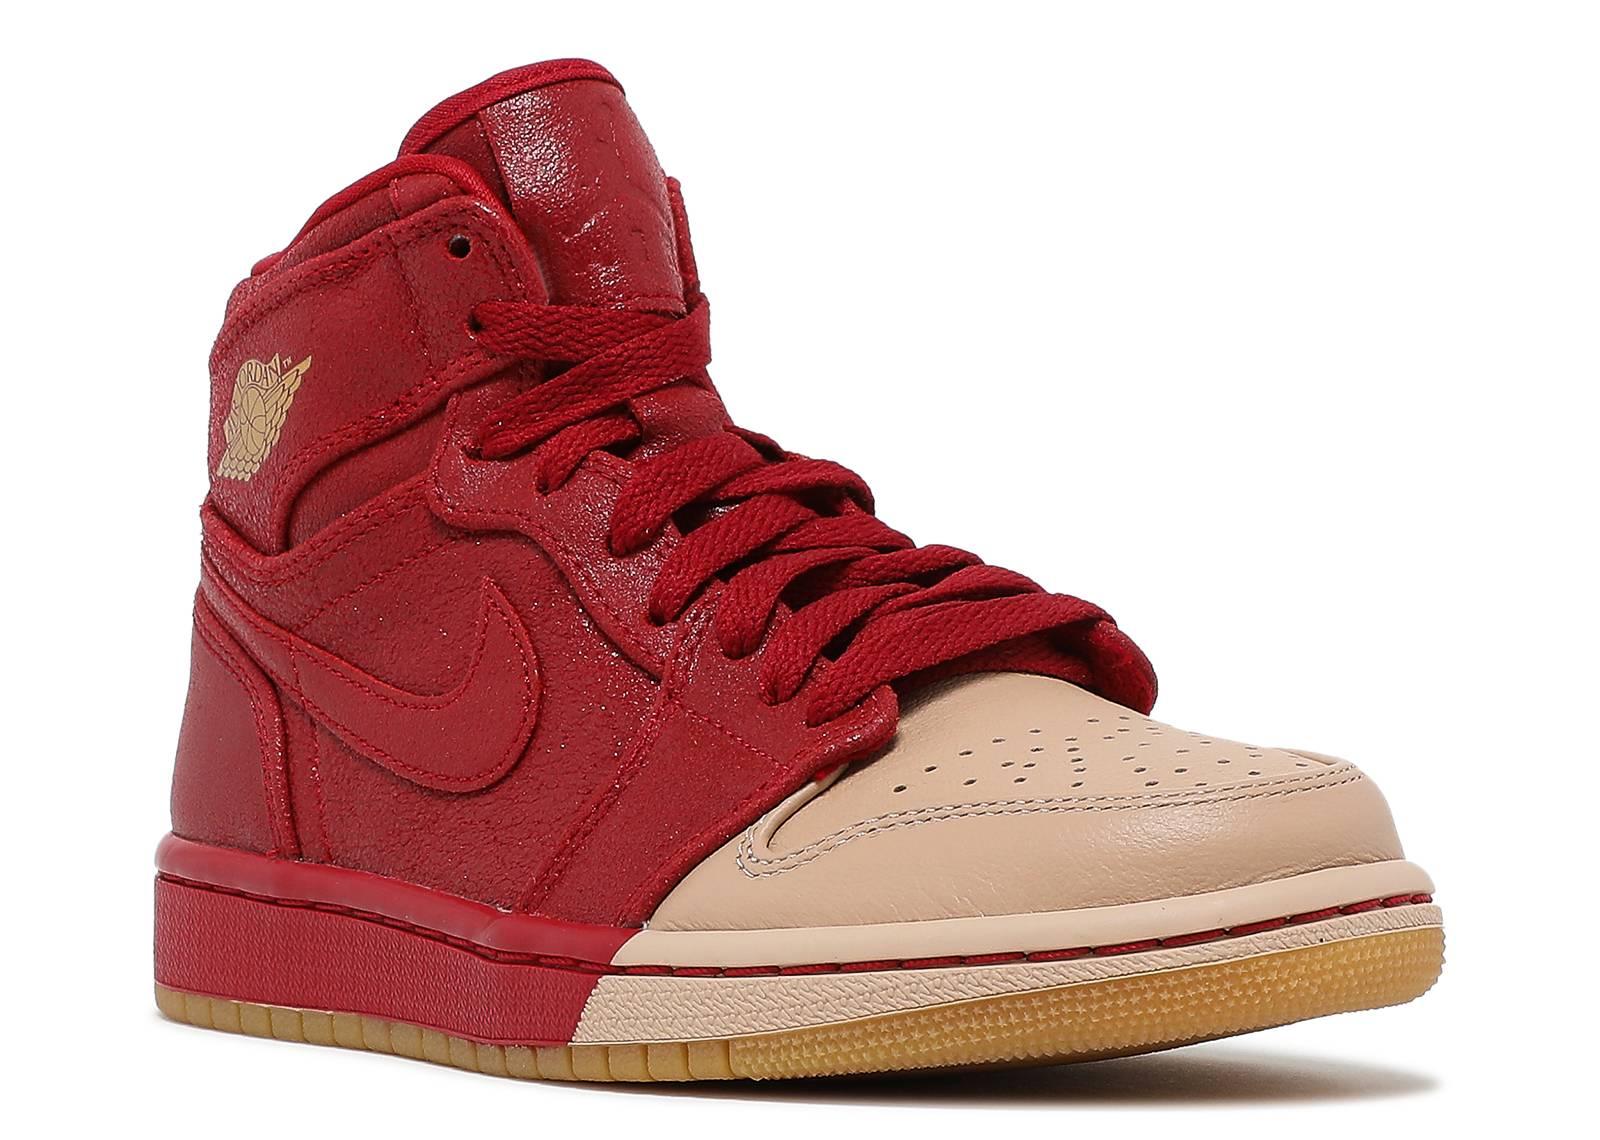 Wmns Air Jordan 1 Ret Hi Prem